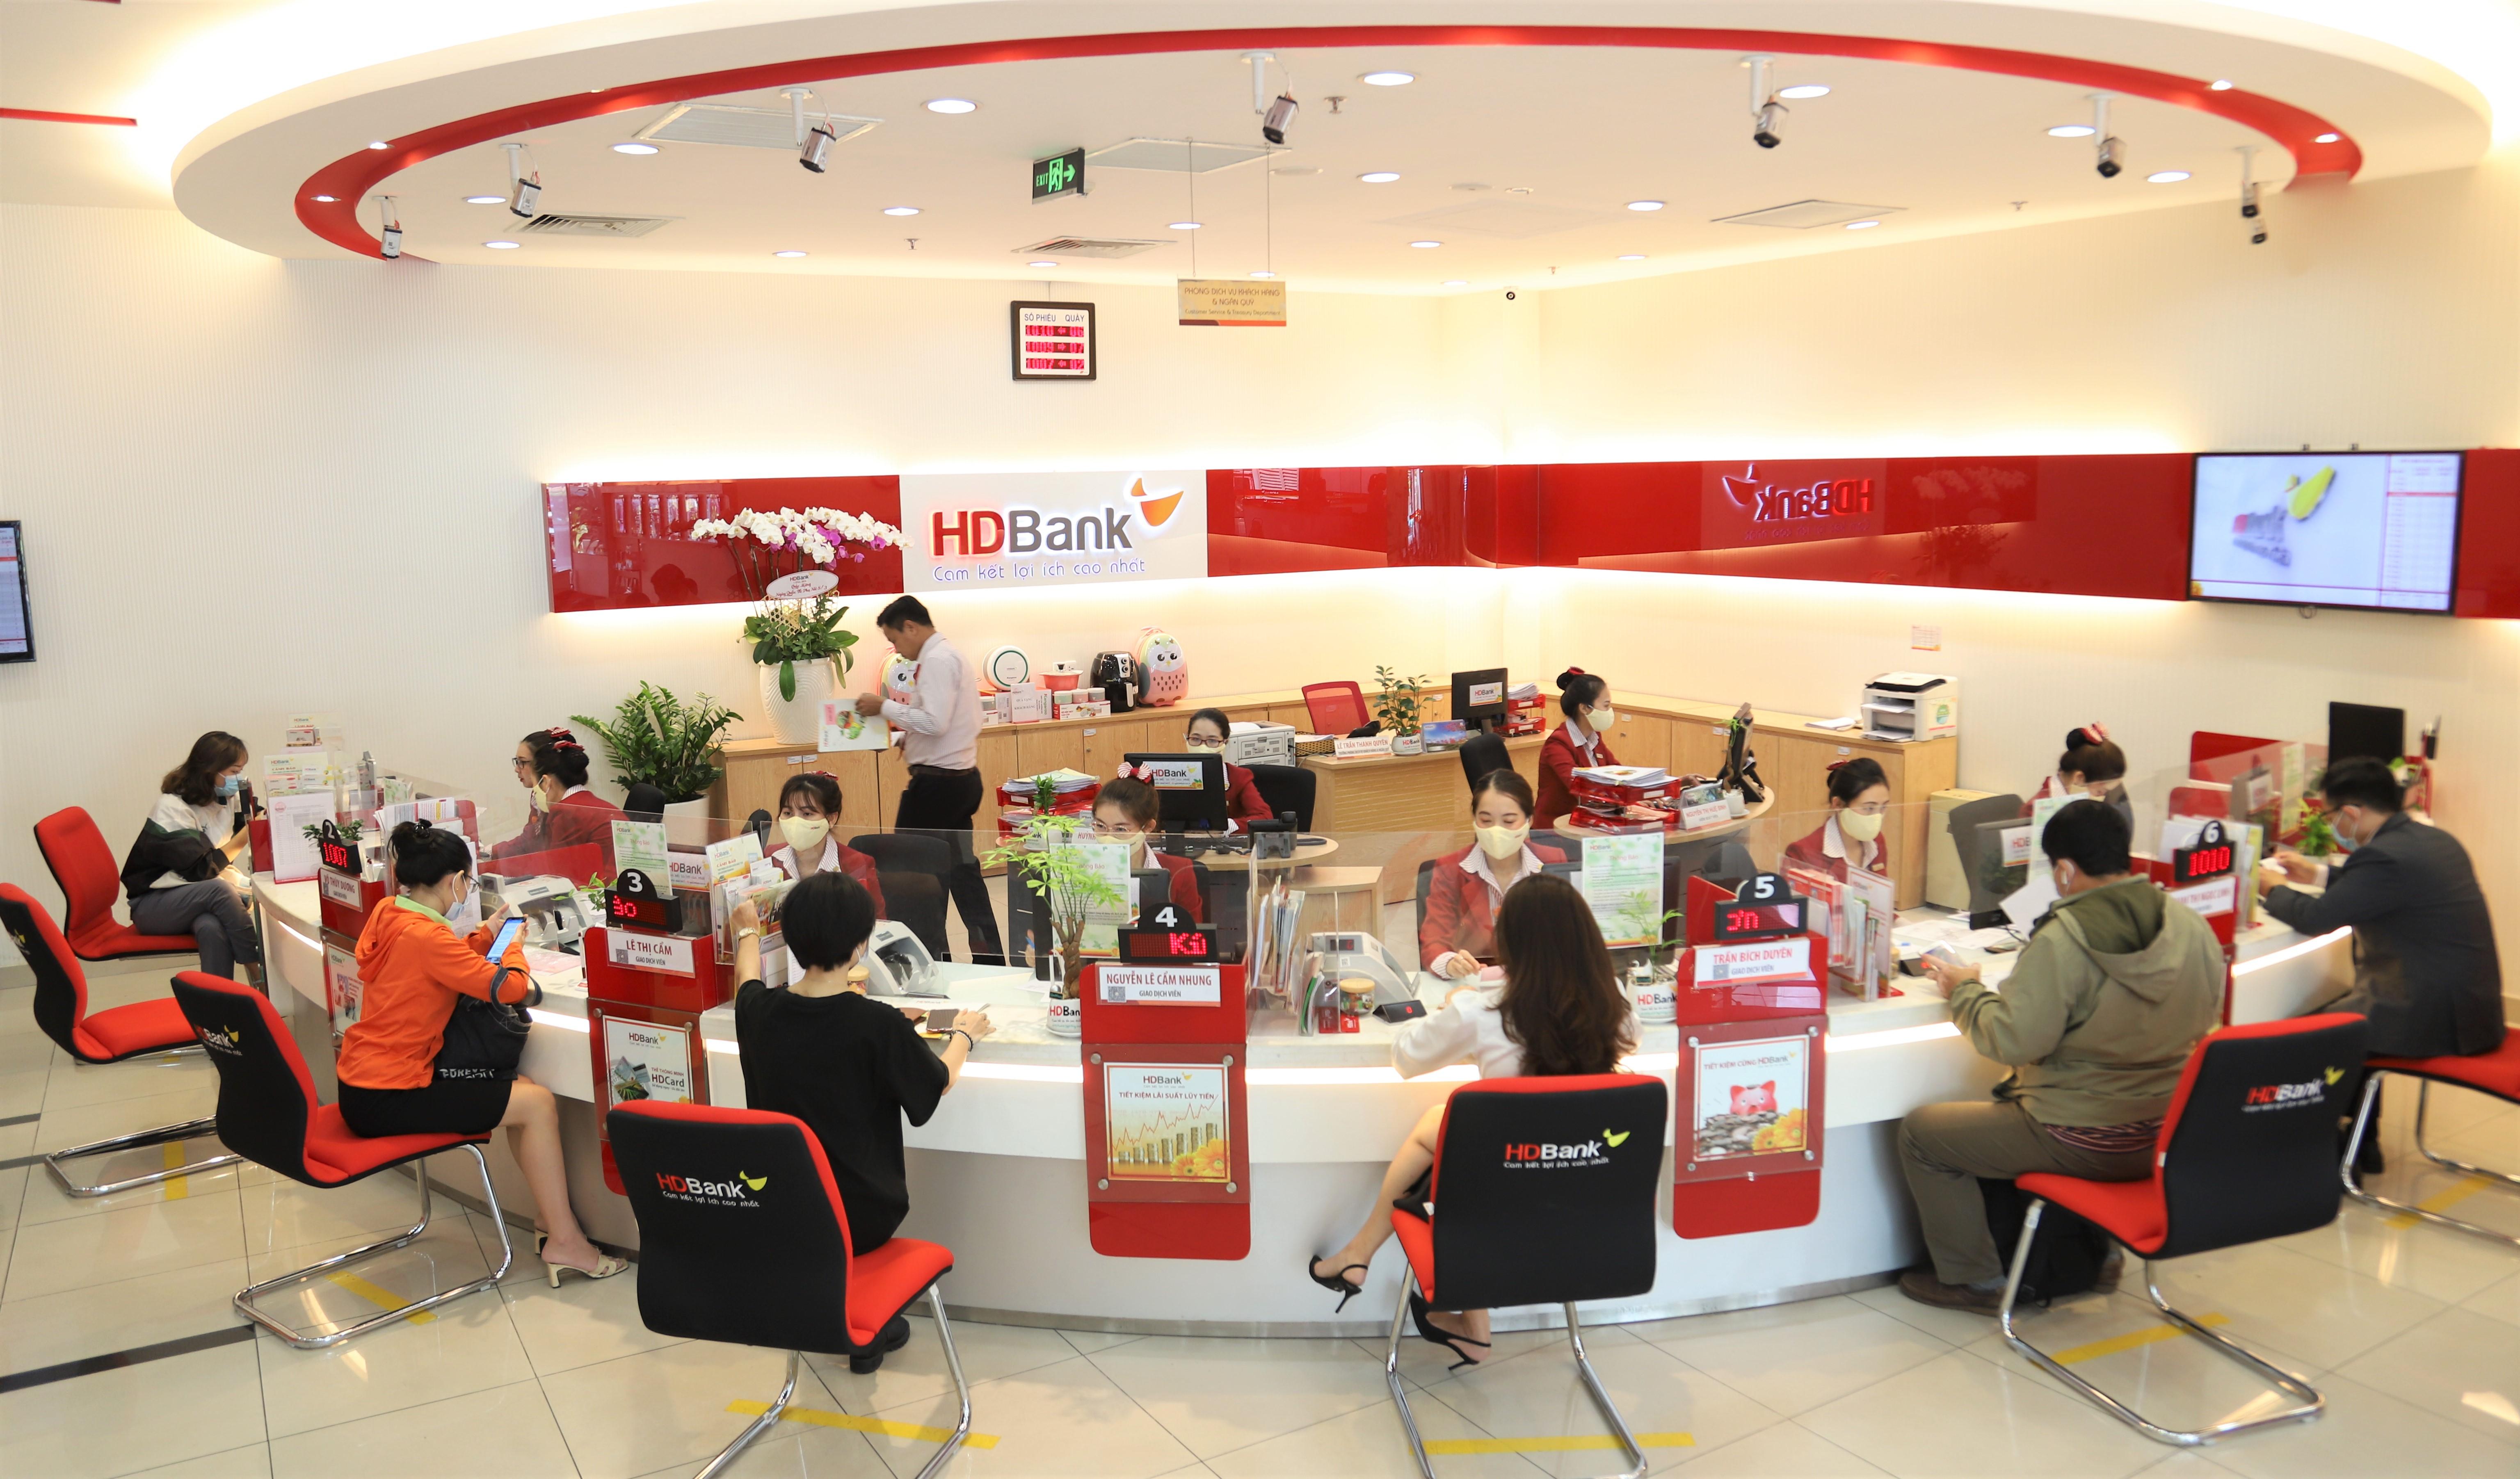 HDBank báo lãi trên 4.190 tỷ, nợ xấu chỉ 0,8% - Ảnh 1